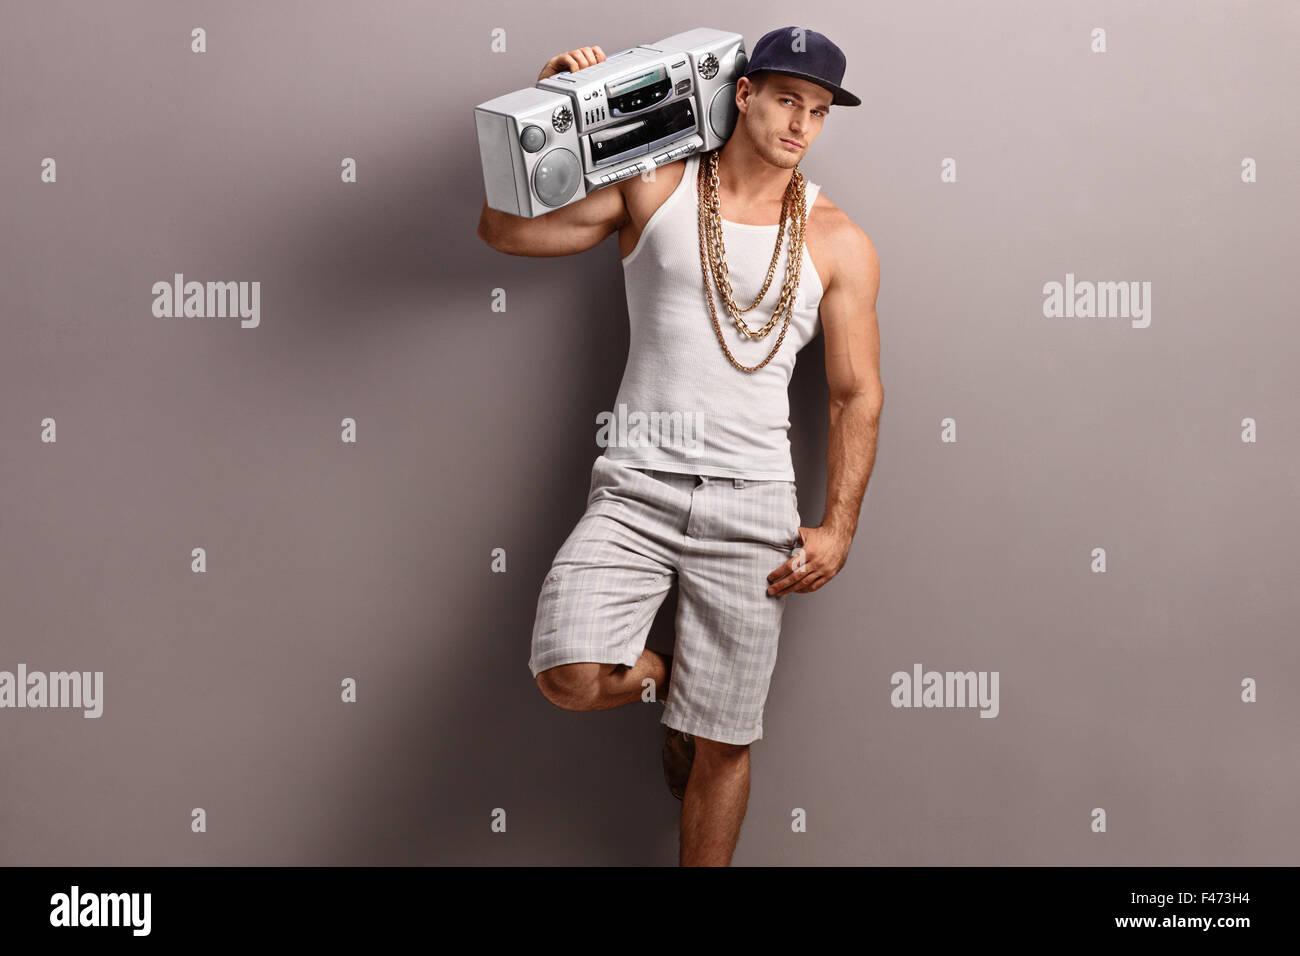 Giovane uomo in hip-hop vestiti portando un ghetto blaster sulla sua spalla  e appoggiata 94292fe9bac0